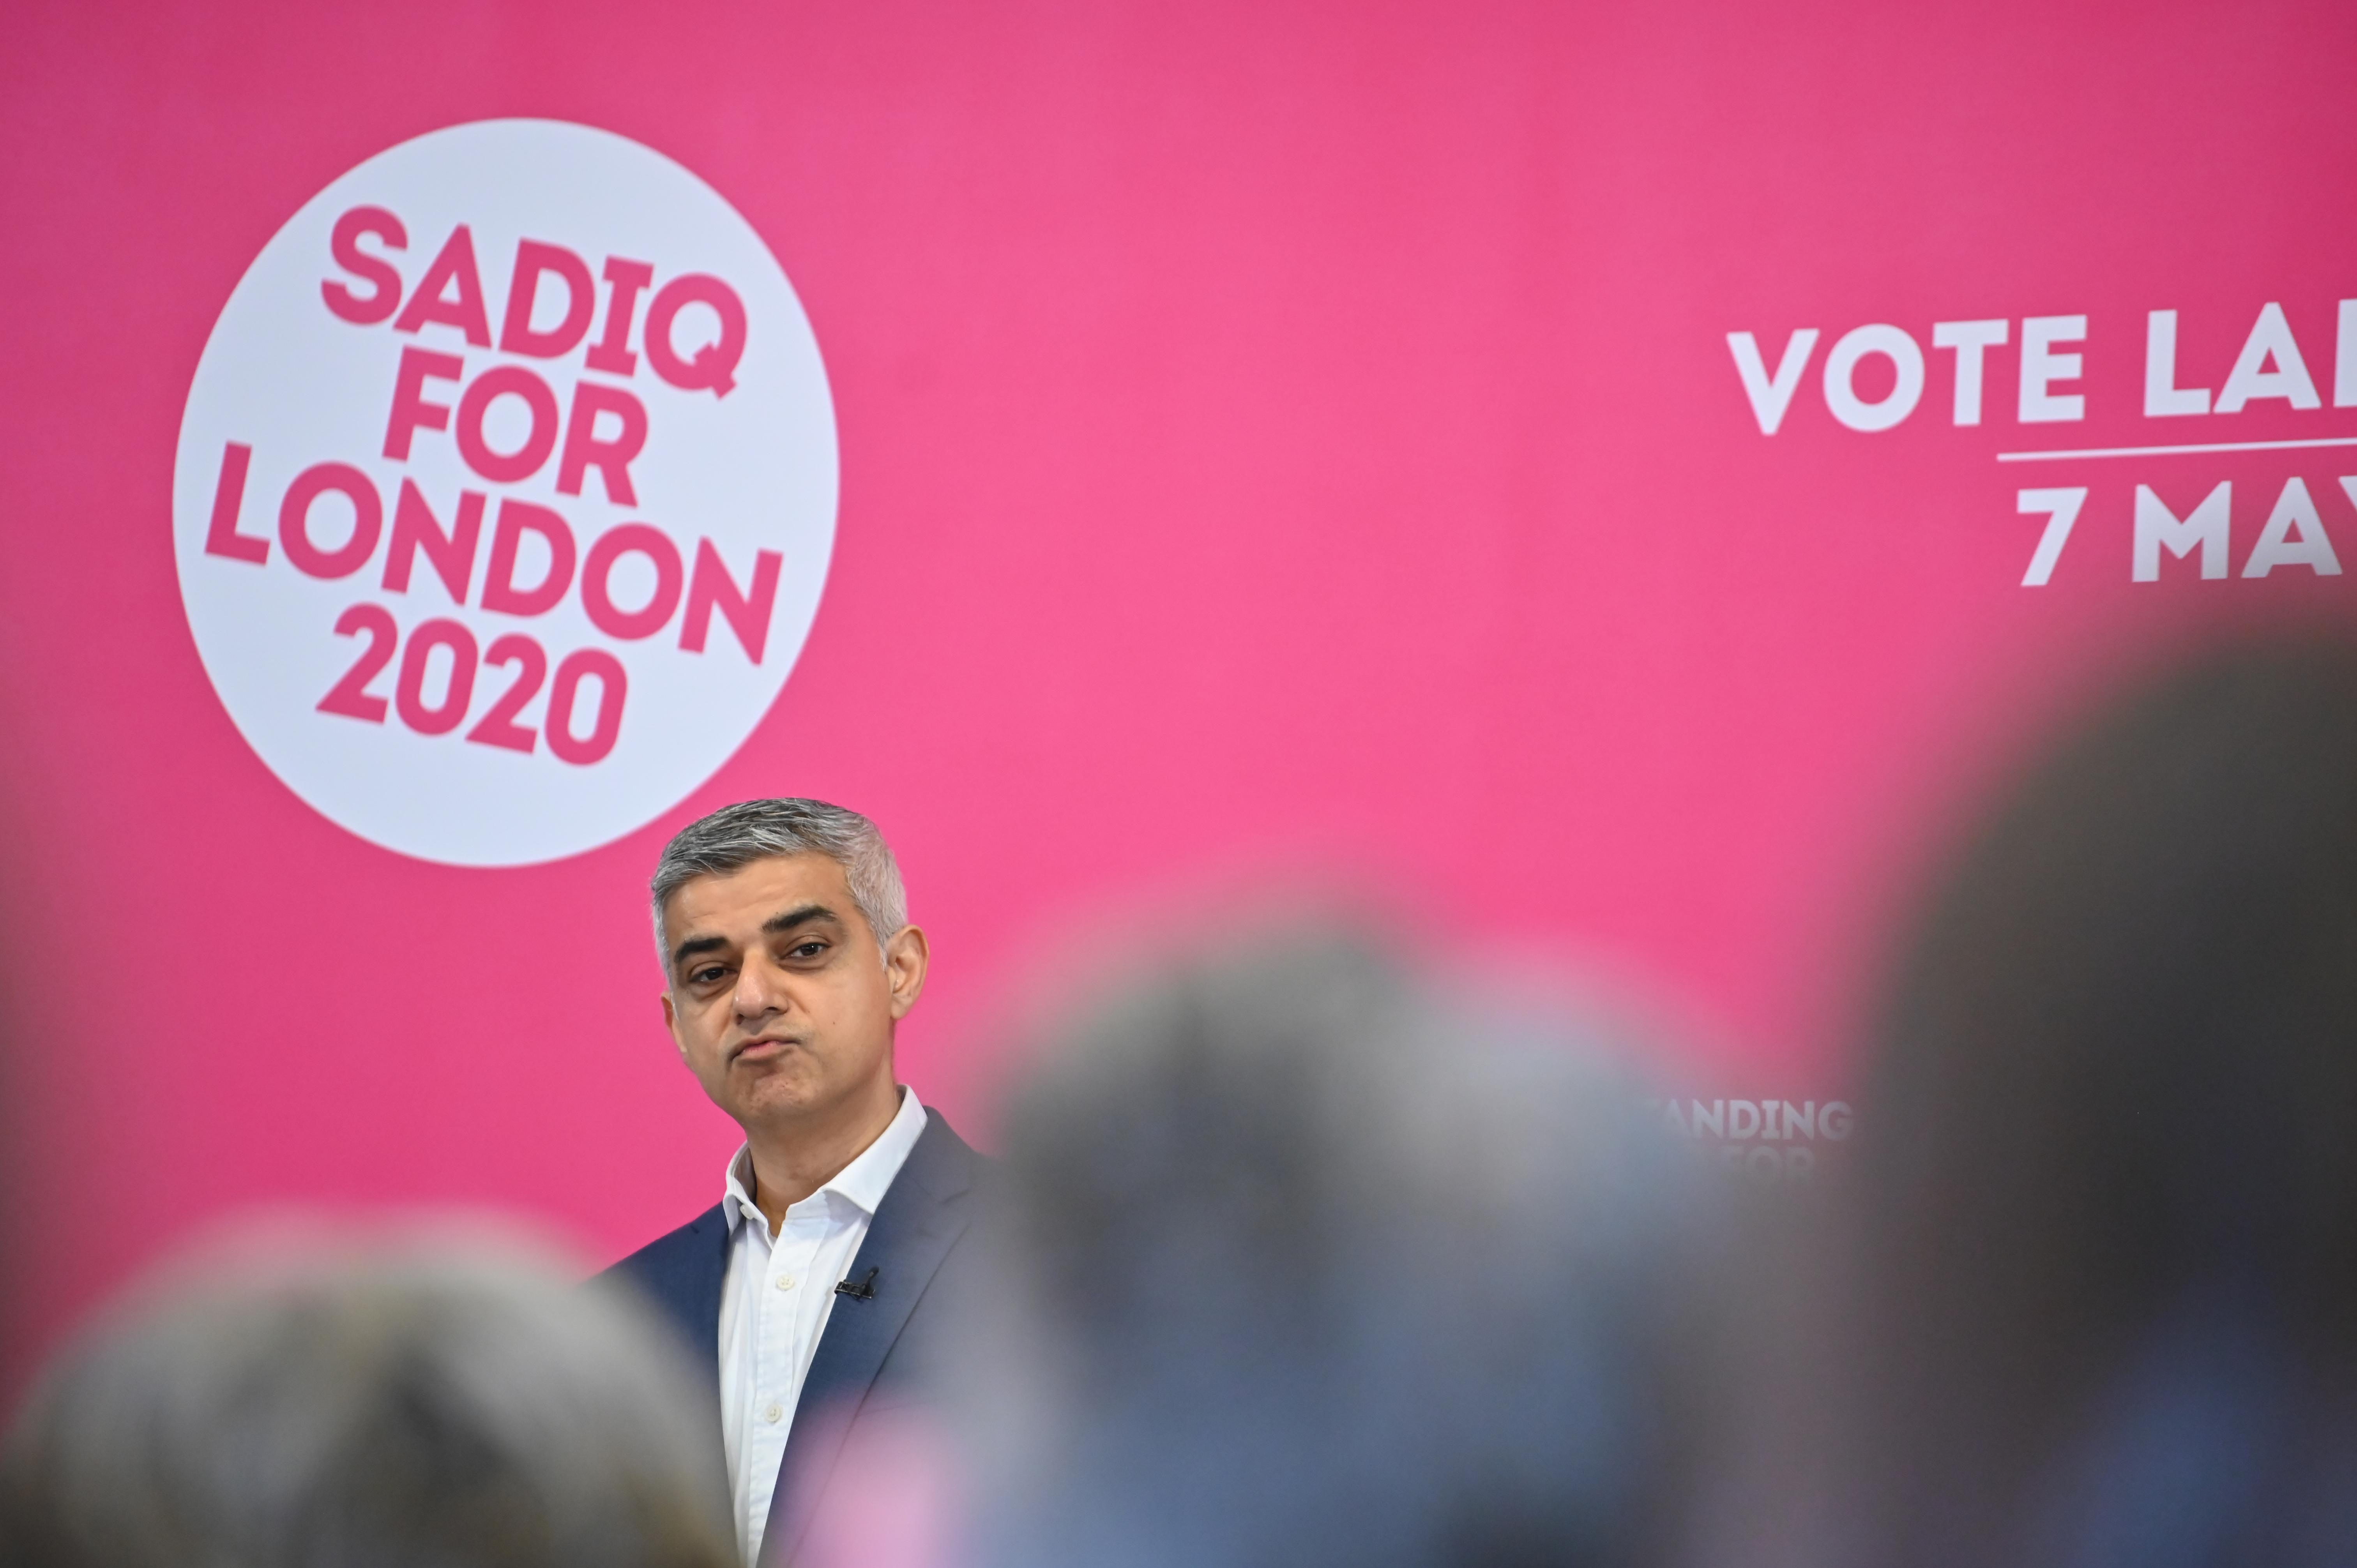 London polgármestere az albérletárak befagyasztásának ígéretével indította el újraválasztási kampányát